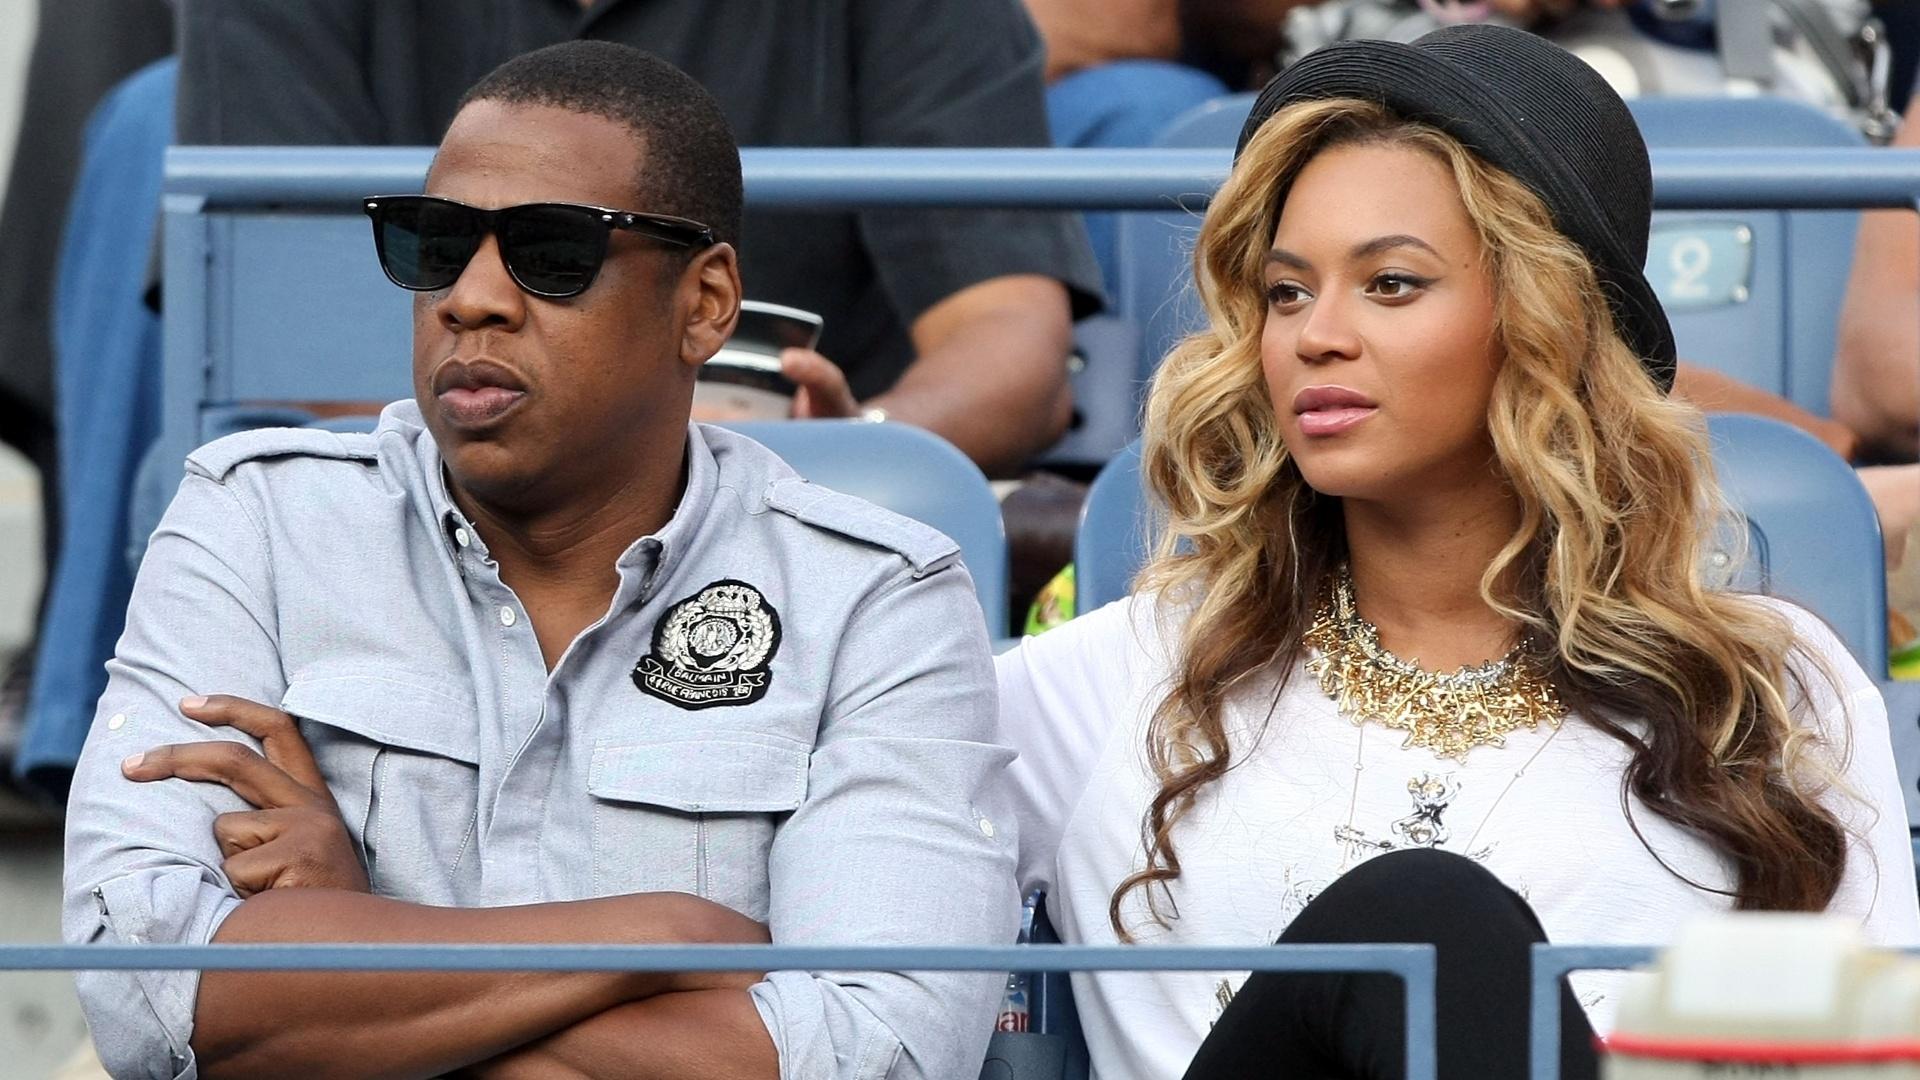 Casal de cantores Jay-Z (e) e Beyoncé acompanha a final do Aberto dos EUA entre Rafael Nadal e Novak Djokovic (12/09/2011)